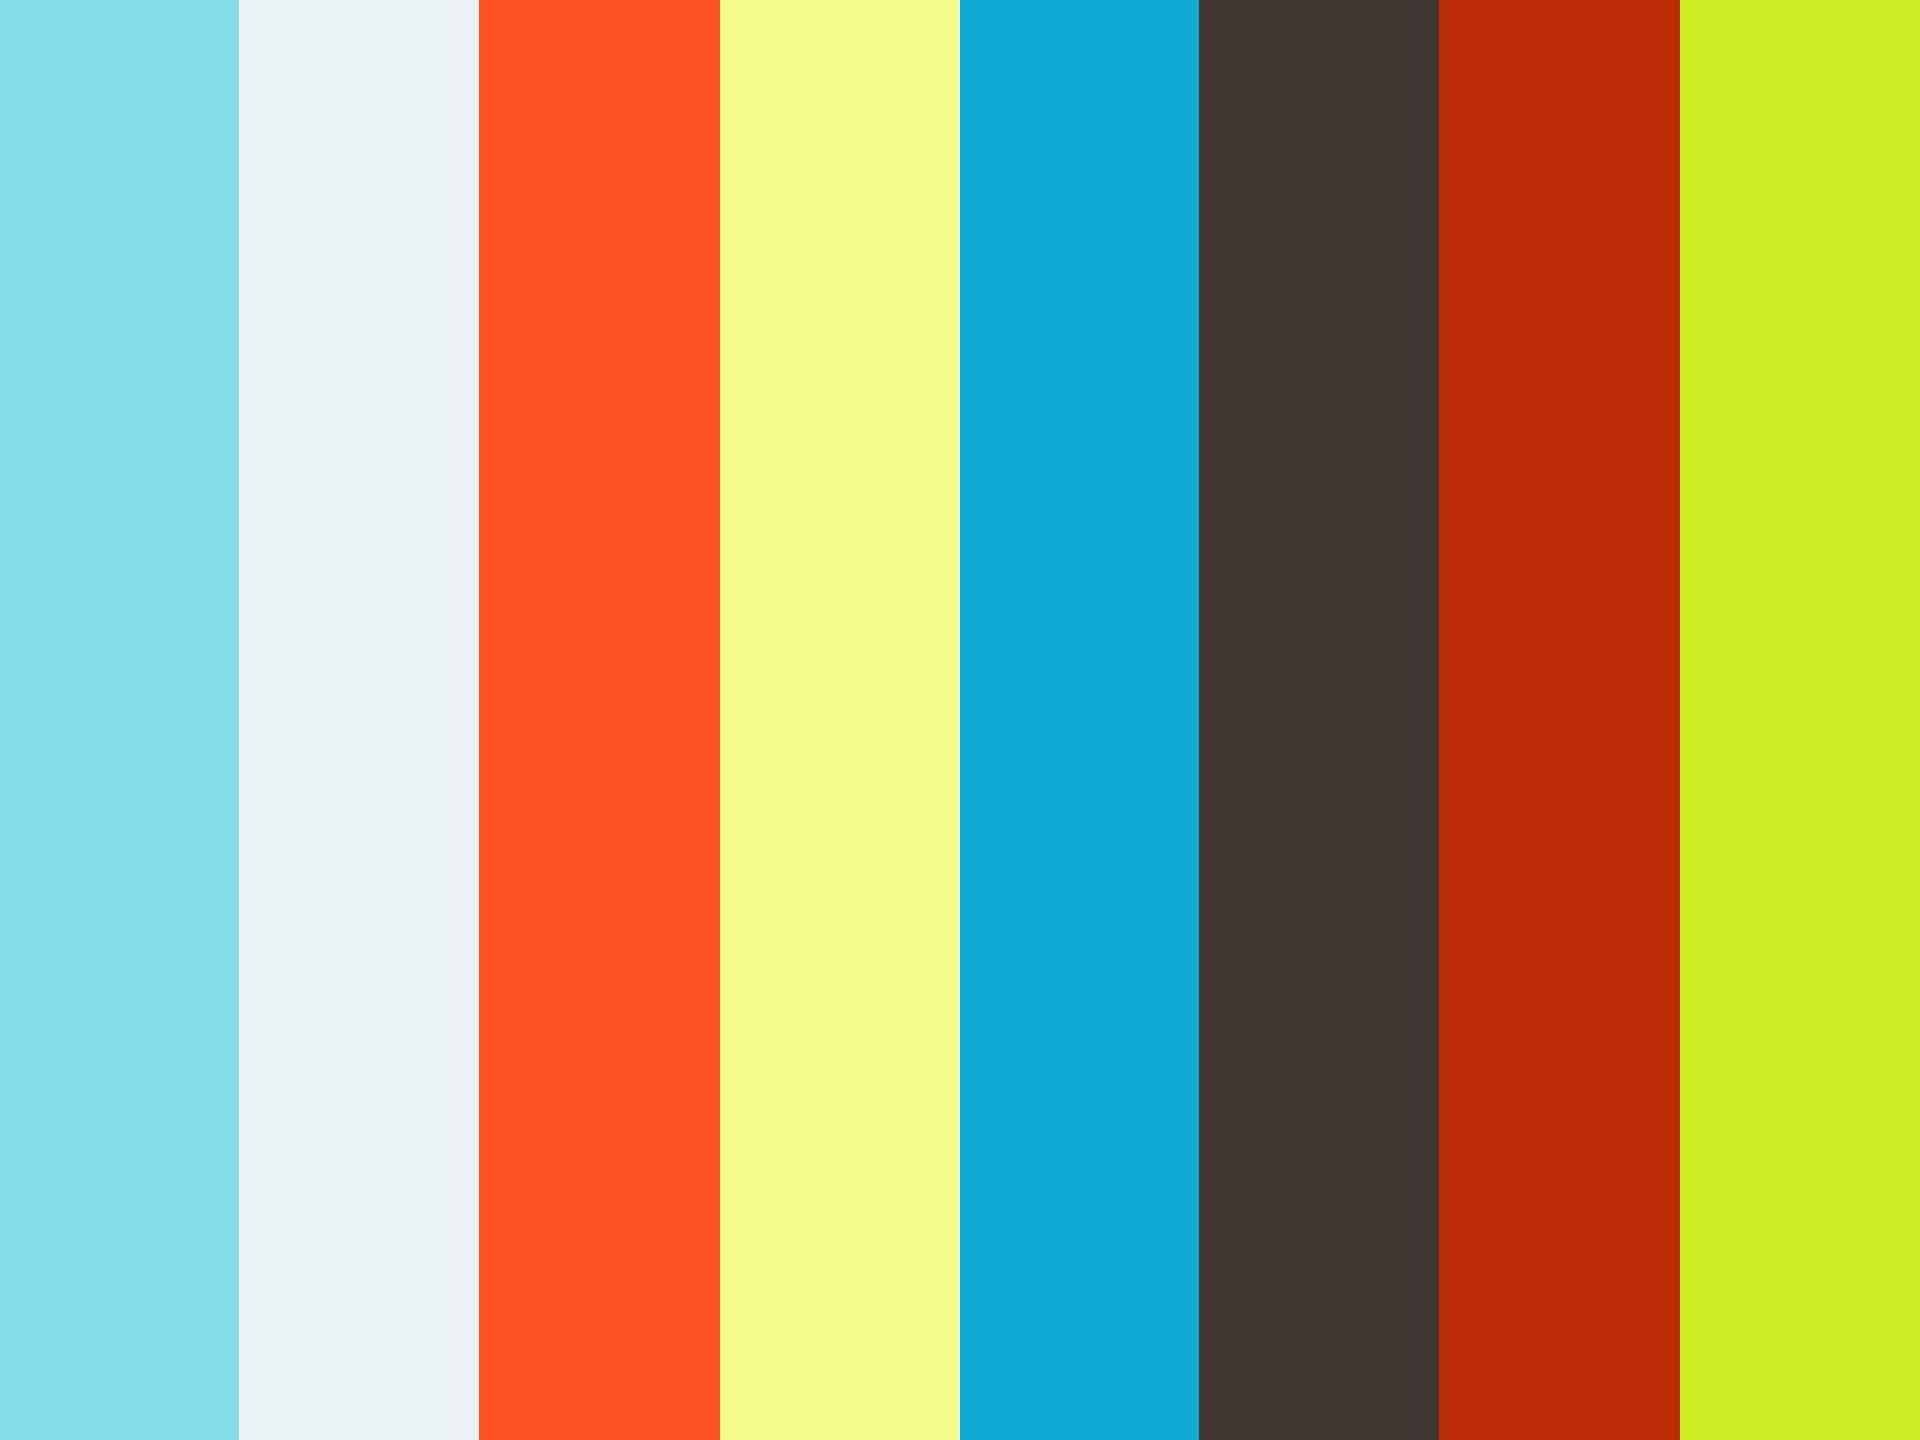 Firefox Opens 1691 Tabs - Rolling Release #11